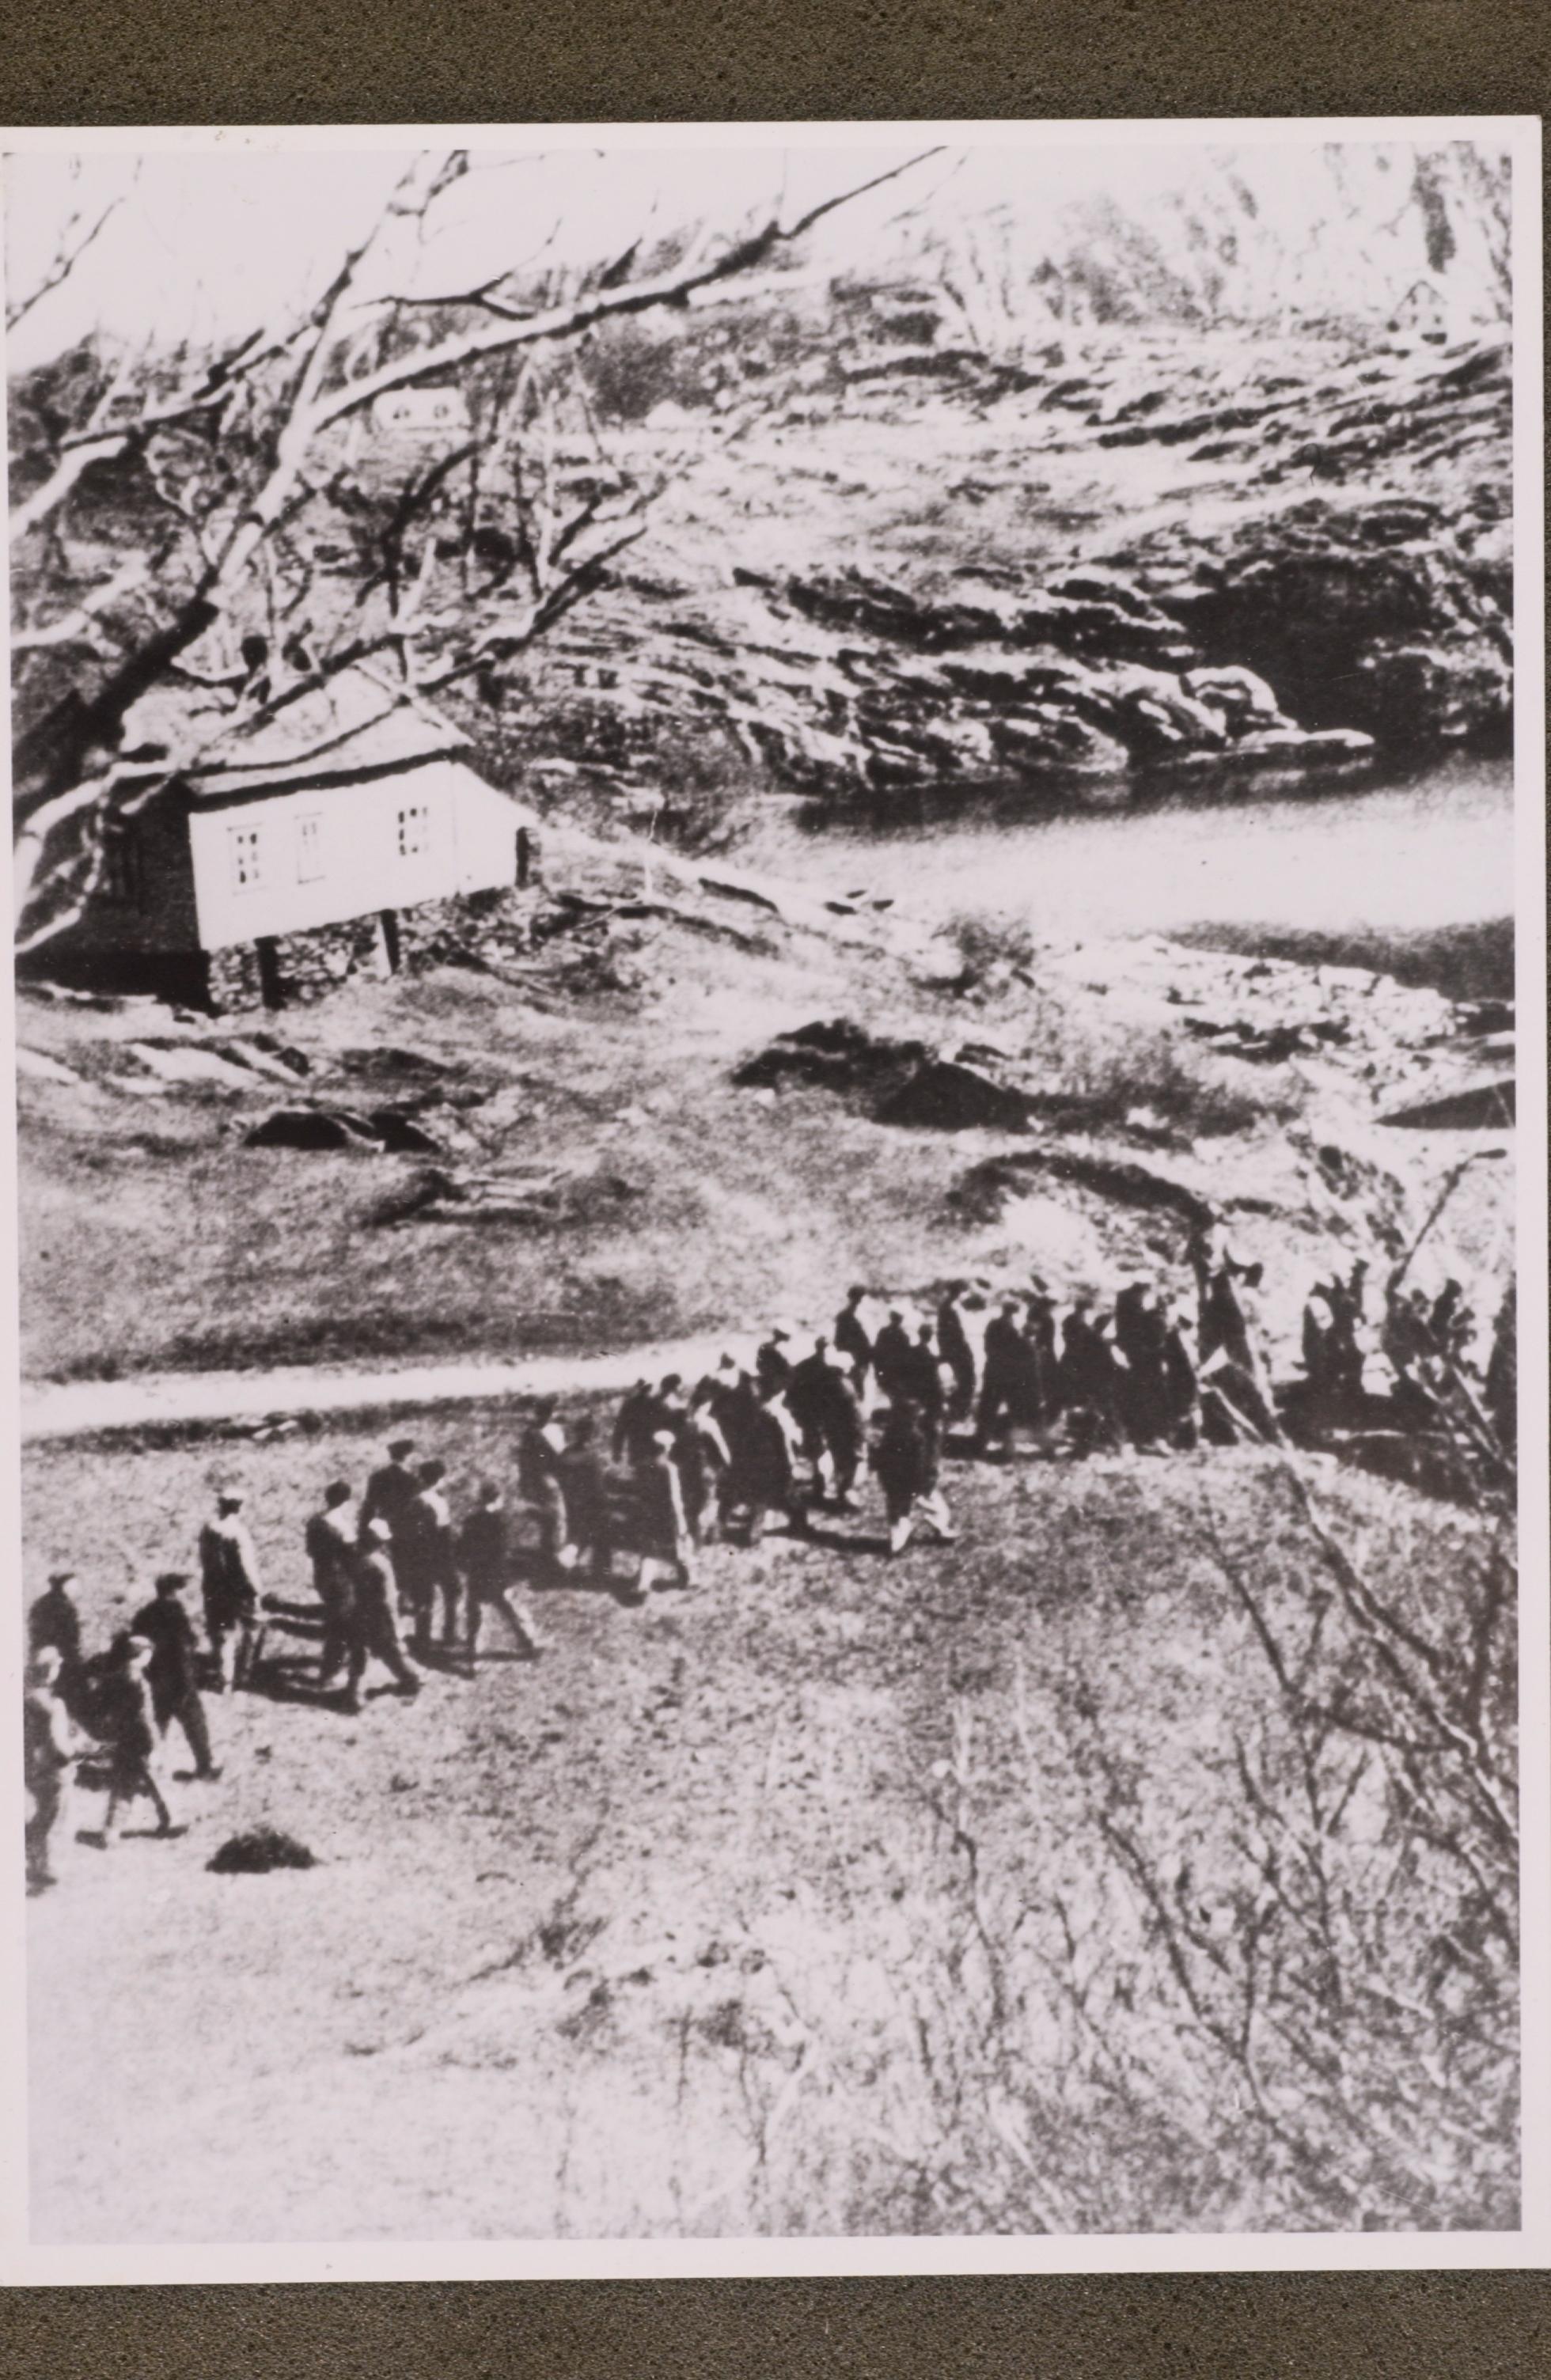 Telavags Mannlige Befolkning Fores Bort  De Ble Sendt Til Konsentrasjonsleiren Sachsenhausen Der 31 Av Dem Dode  Nhm